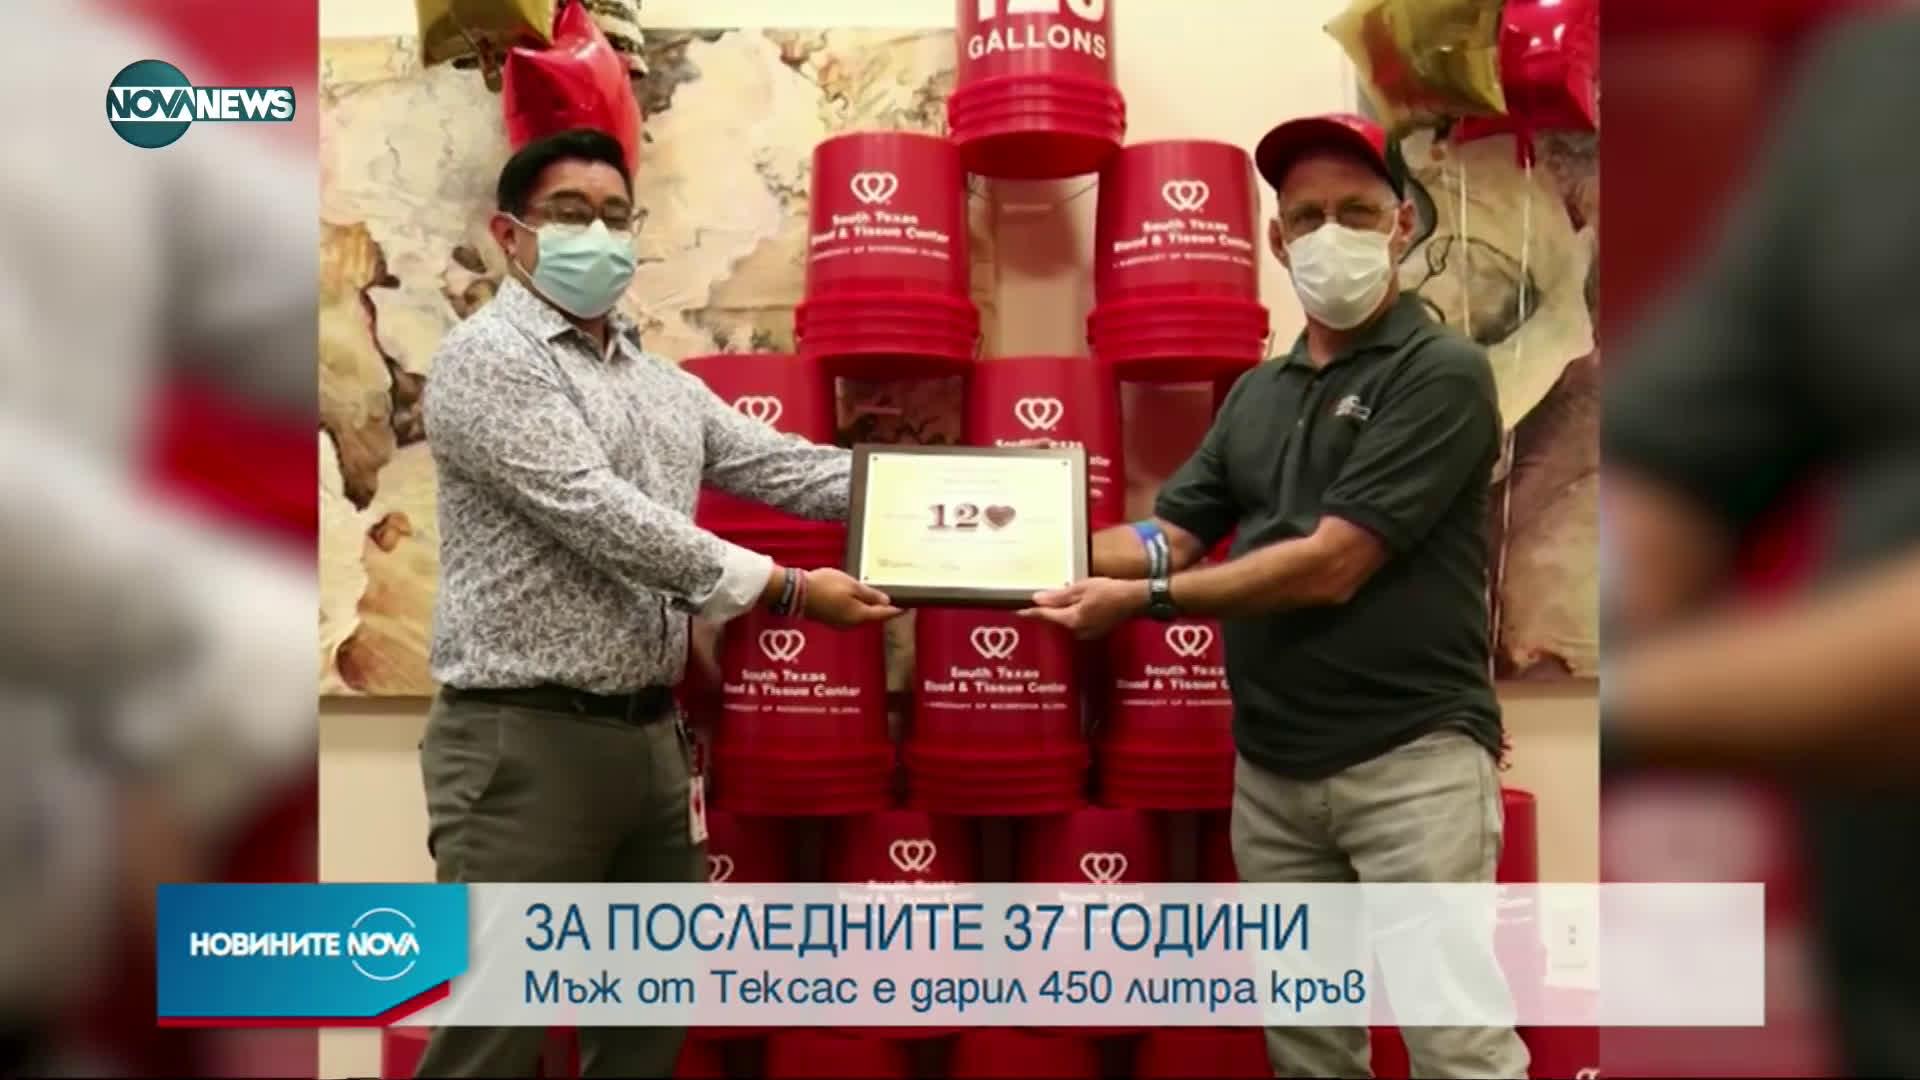 Мъж е дарил 450 литра кръв за последните 37 години